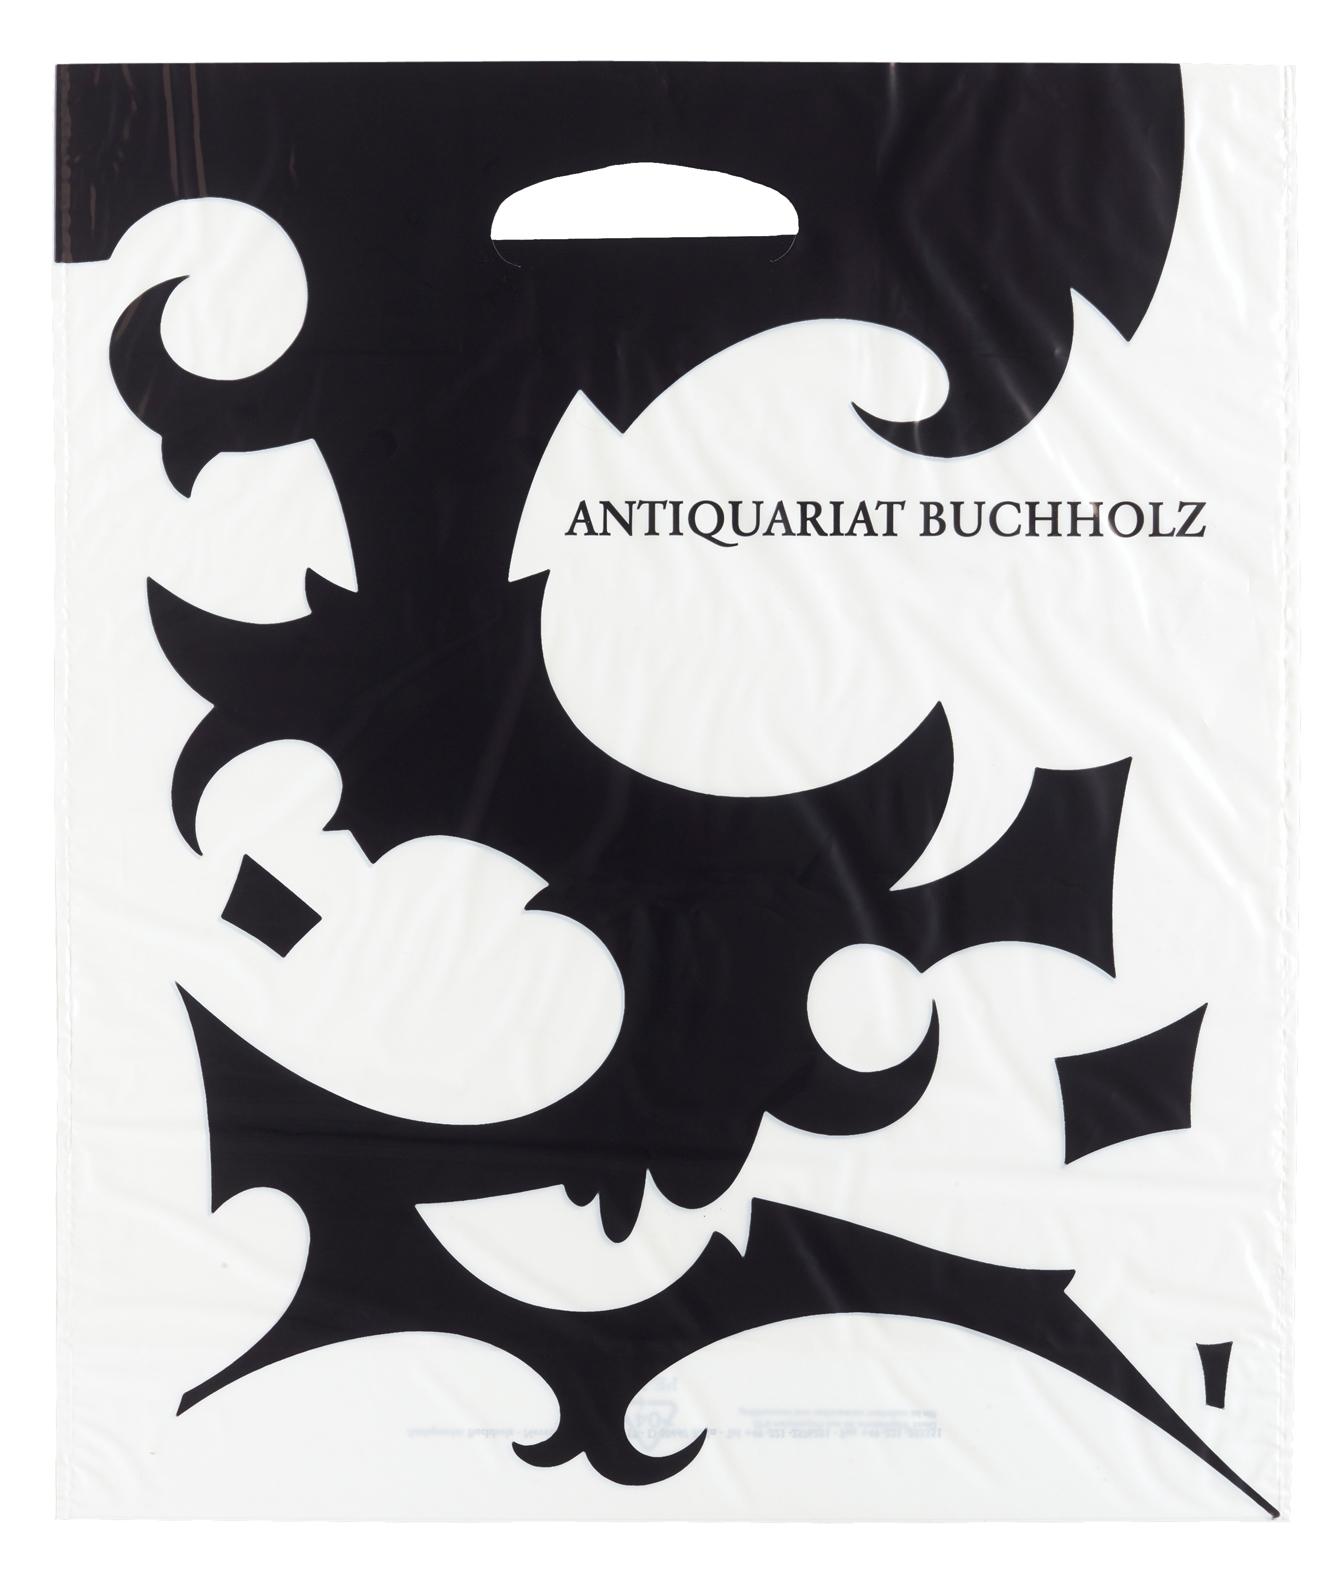 Julian Göthe – 2005, design for plastic shopping bag for Antiquariat Buchholz 43 x 38 cm –